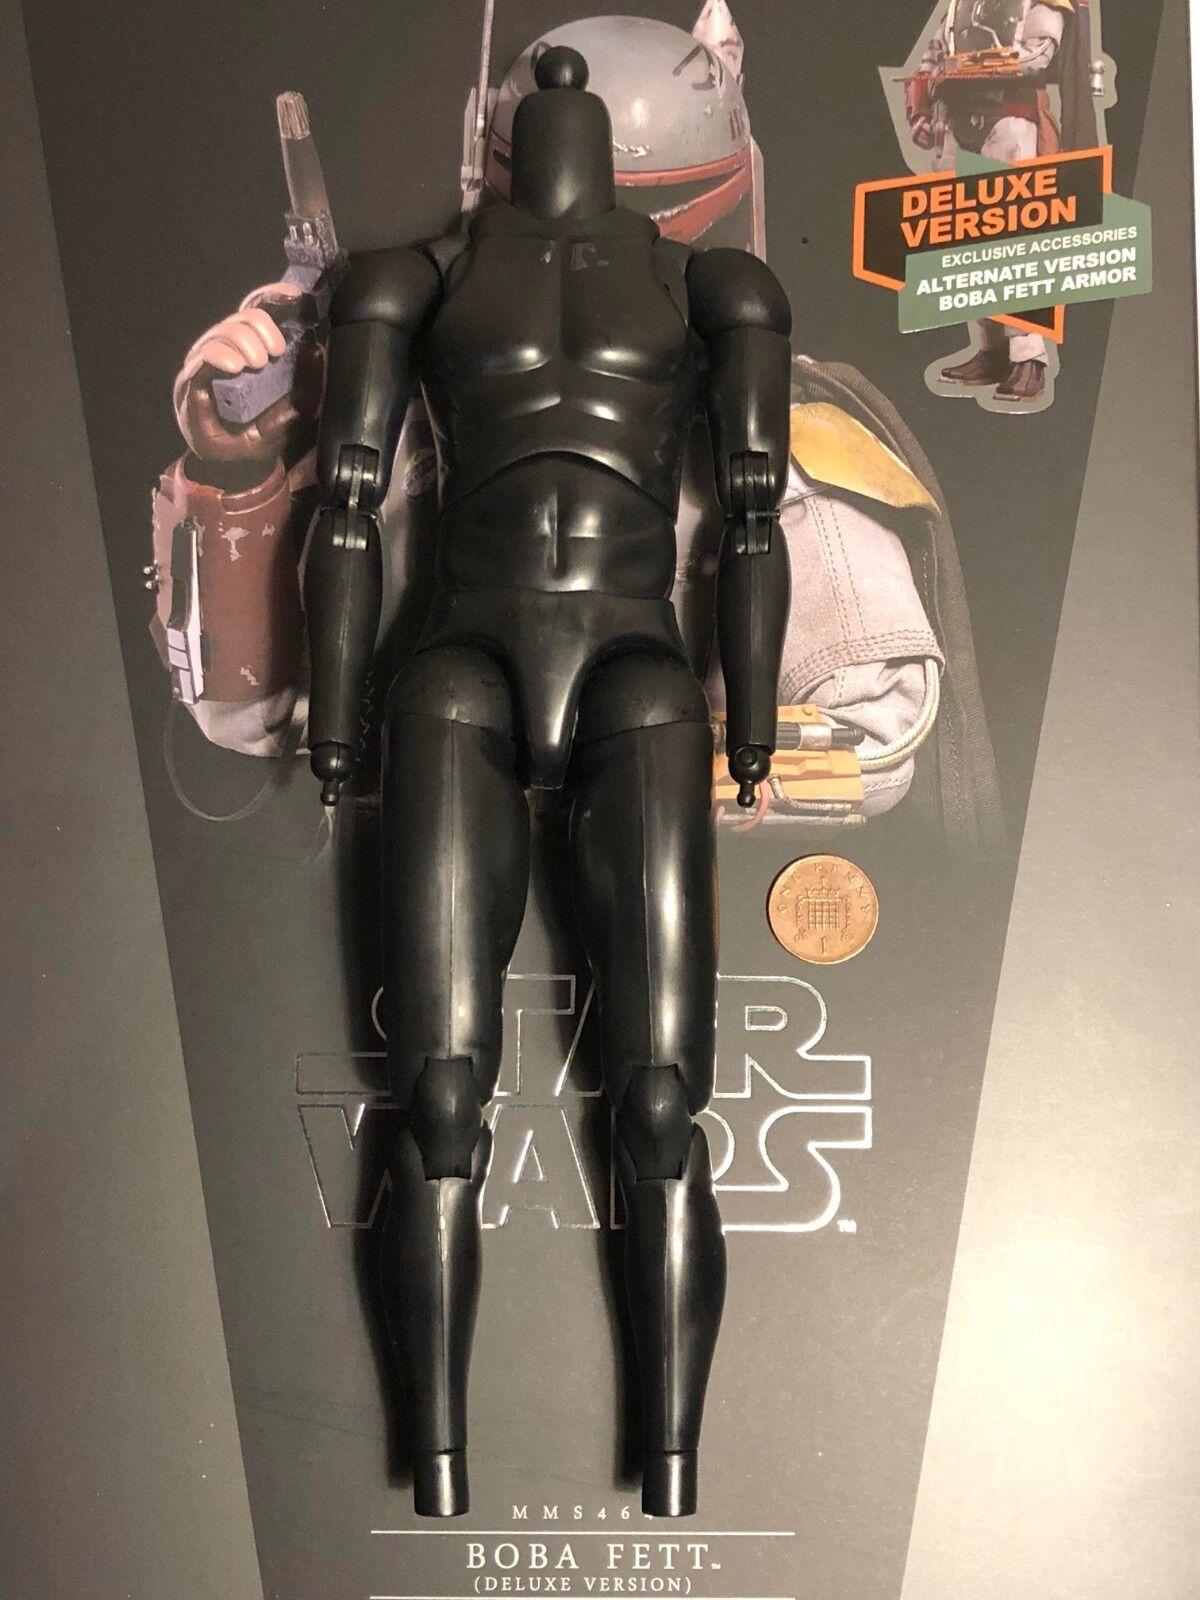 Caliente giocattoli estrella guerras ESB  Boba Fett Deluxe MMS464 nudo corpo Loose SCALA 1 6th  con il 60% di sconto